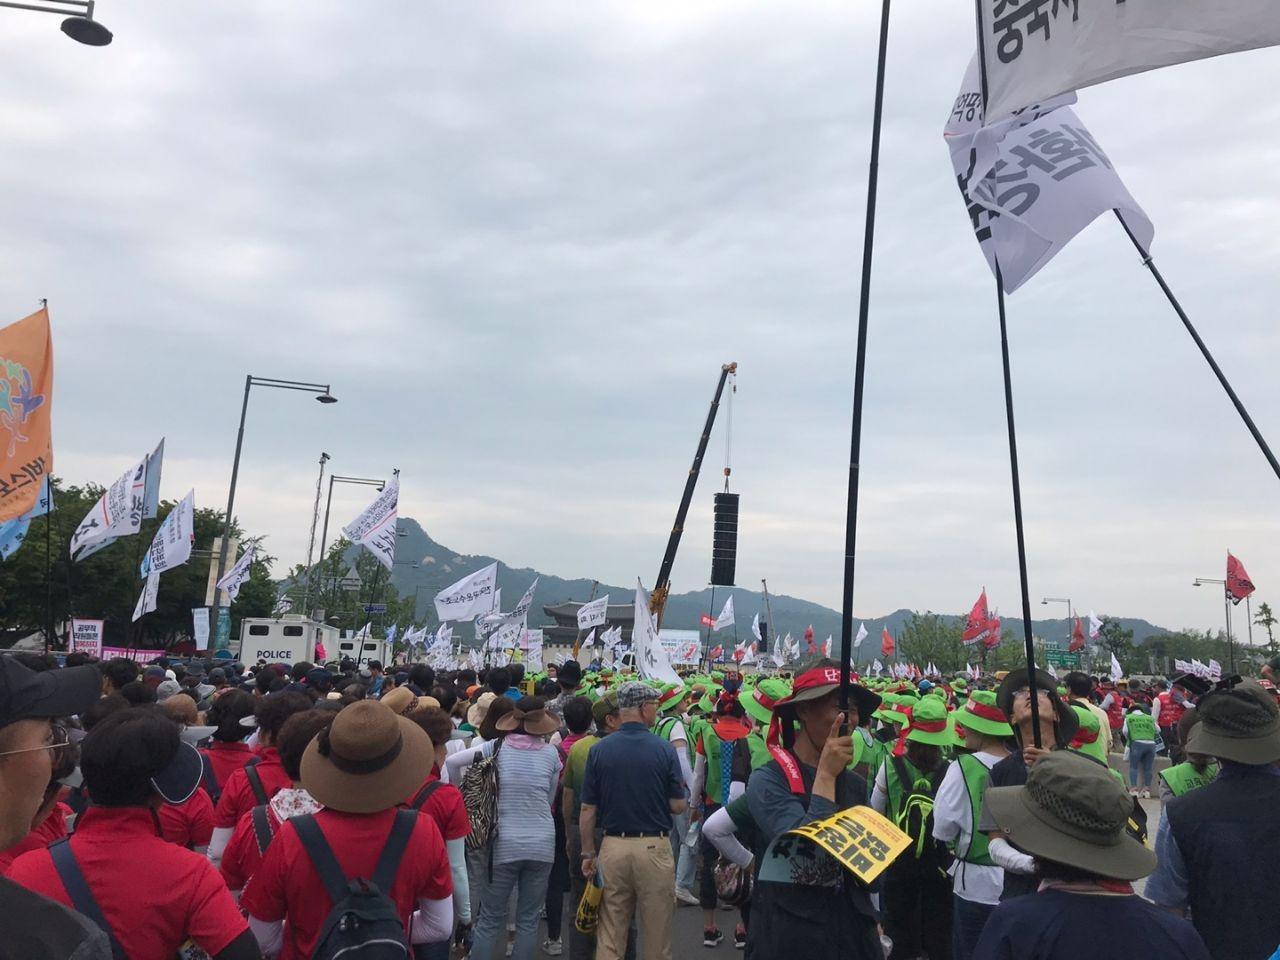 声援民主劳总:不向亲资政府乞怜,以抗议求得劳工尊严!